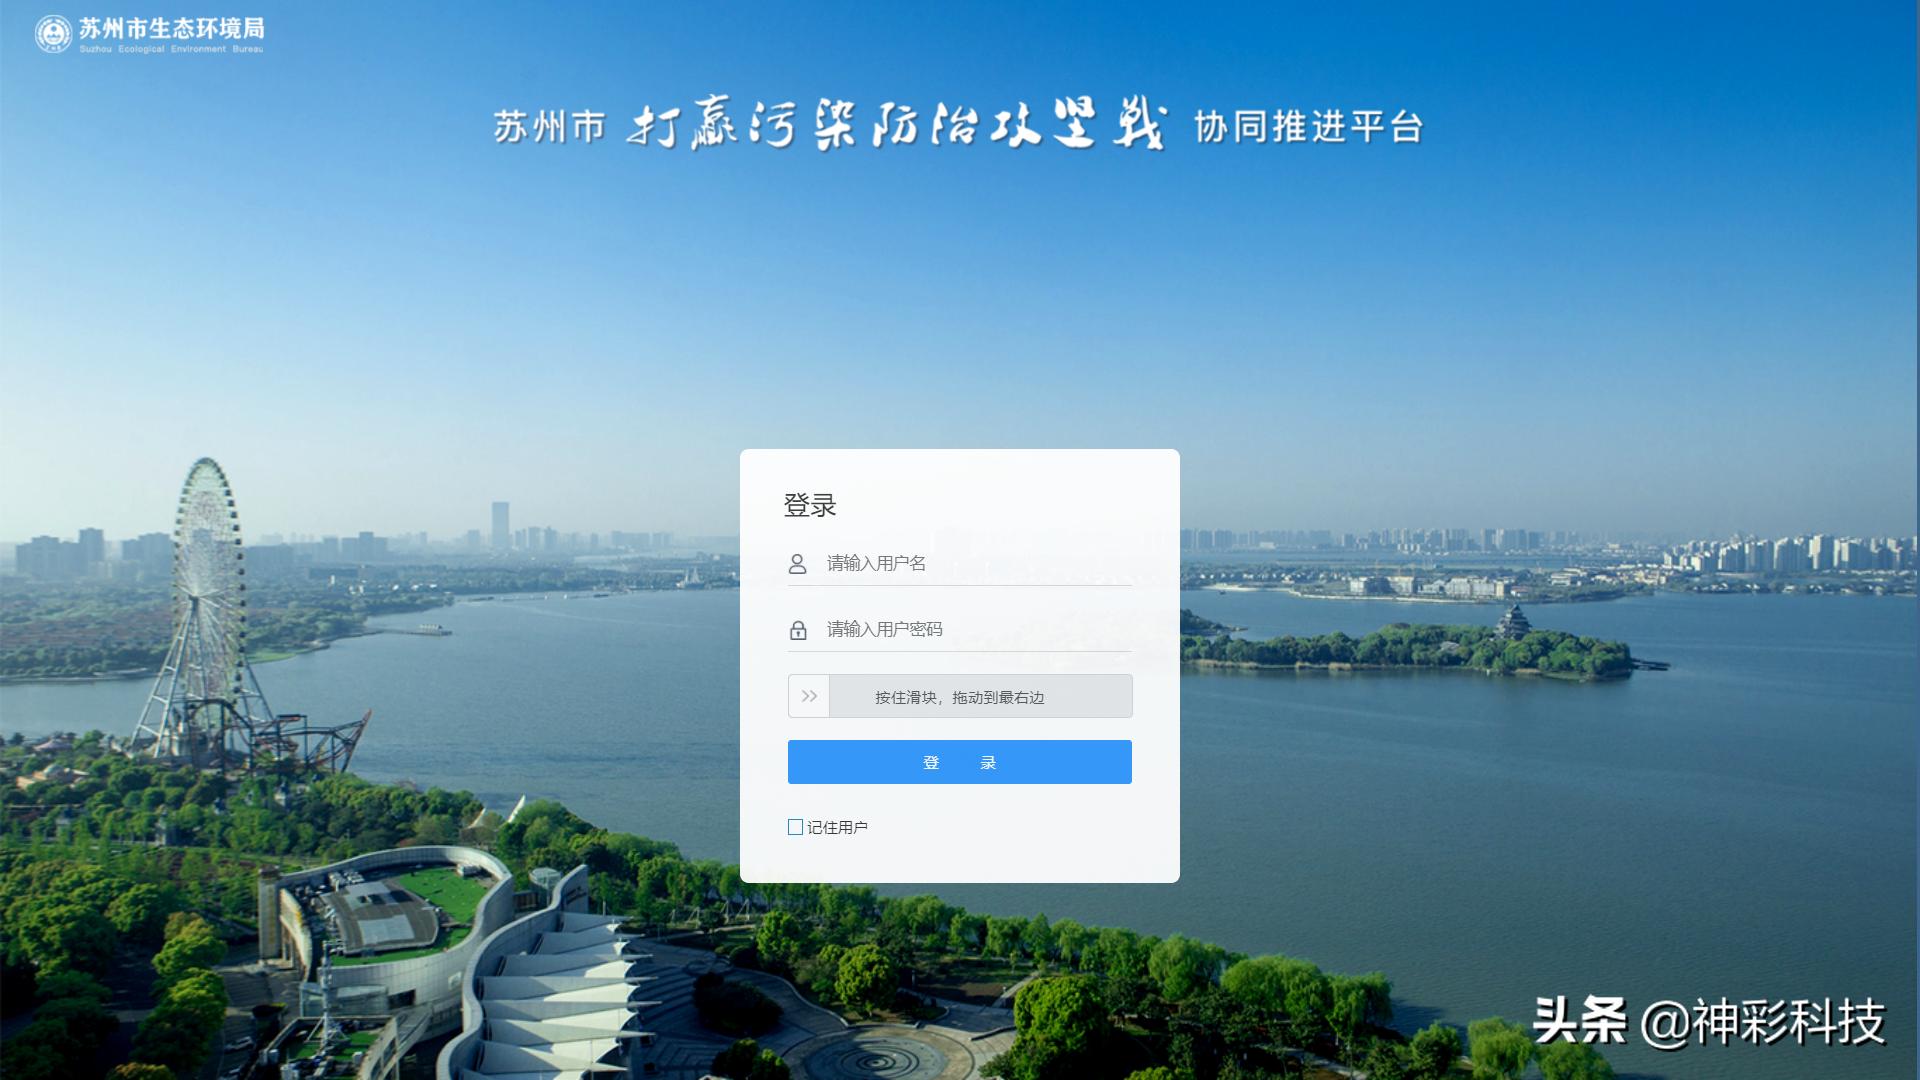 参展亮点一览|神彩科技数字化成果耀动第三届数字中国建设峰会